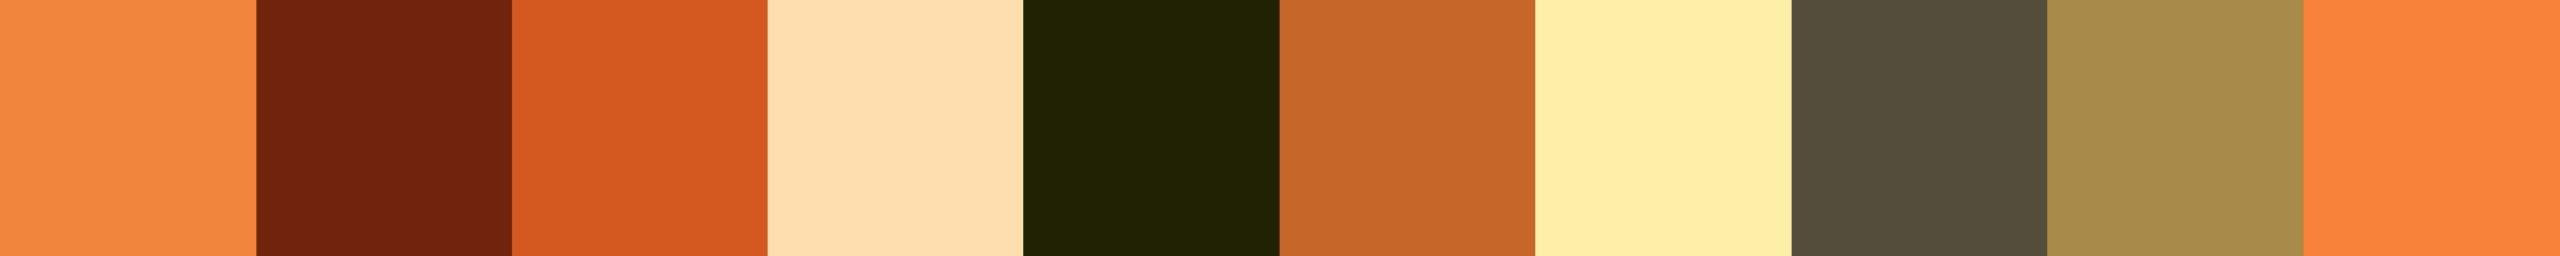 746 Exectia Color Palette